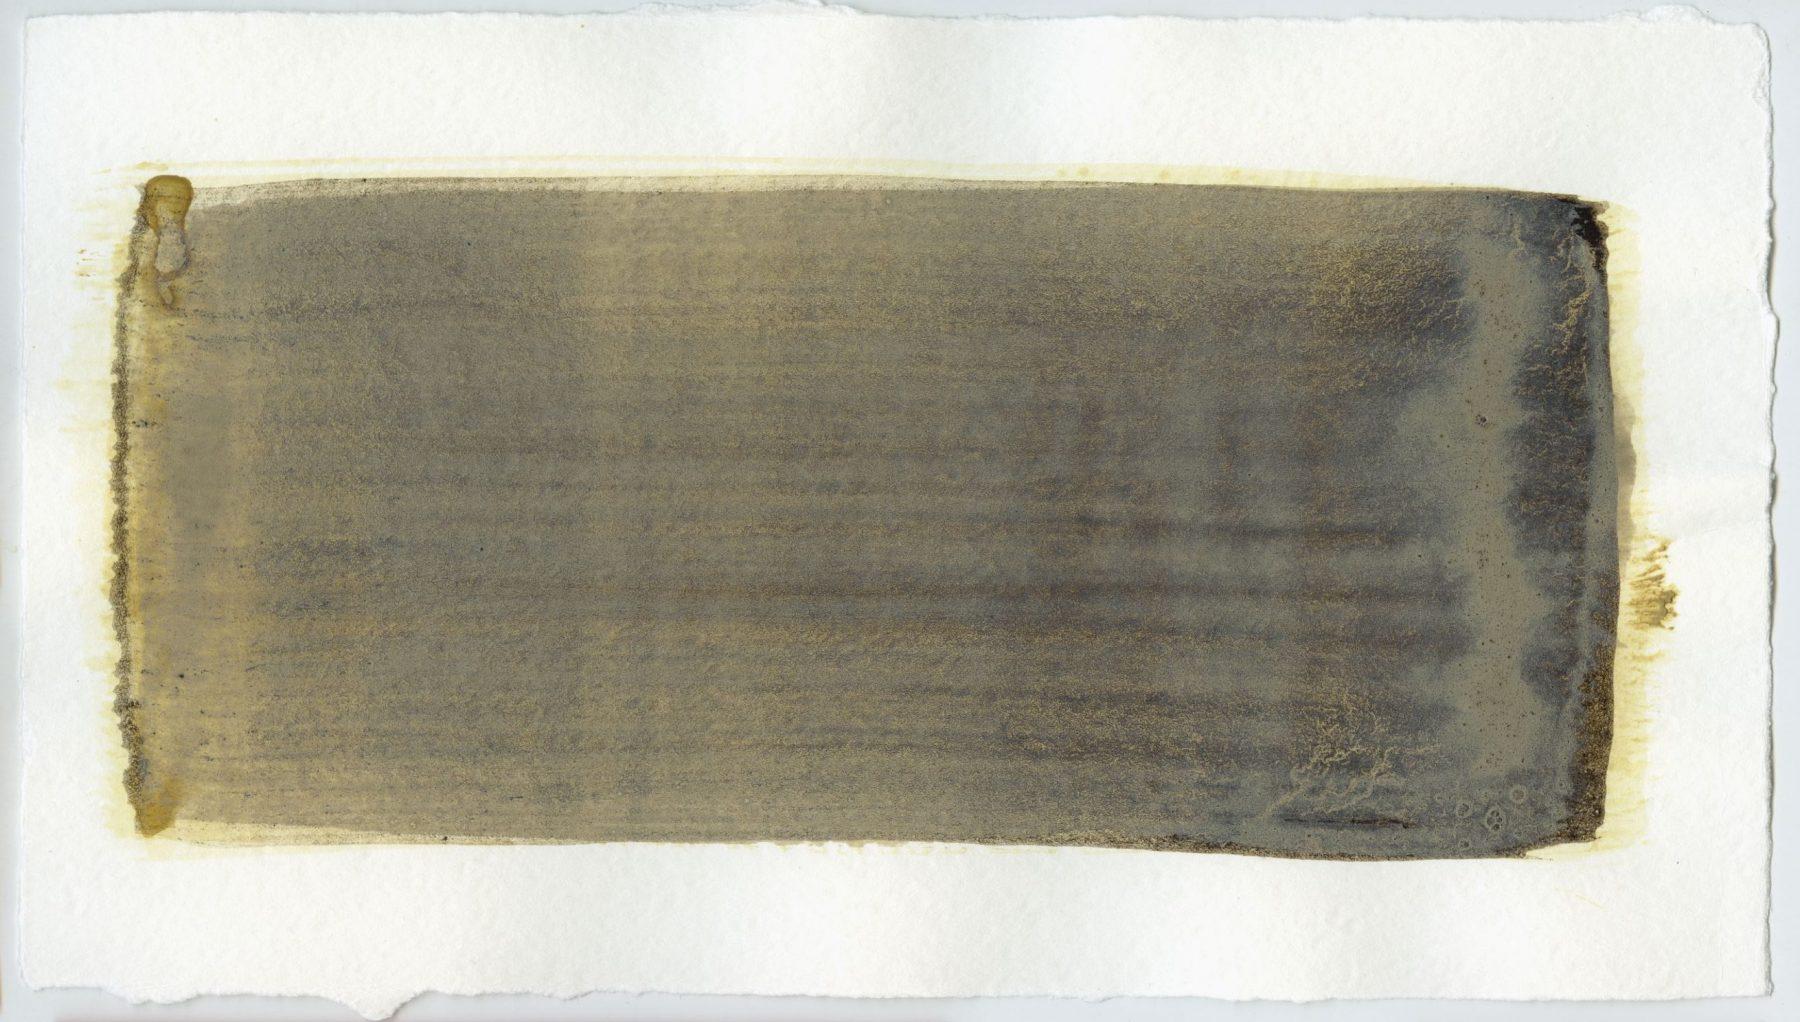 Brush stroke no. 34 - Selfmade pigment: Mortelse oker, Slingerpad bruin, Perekker grijs